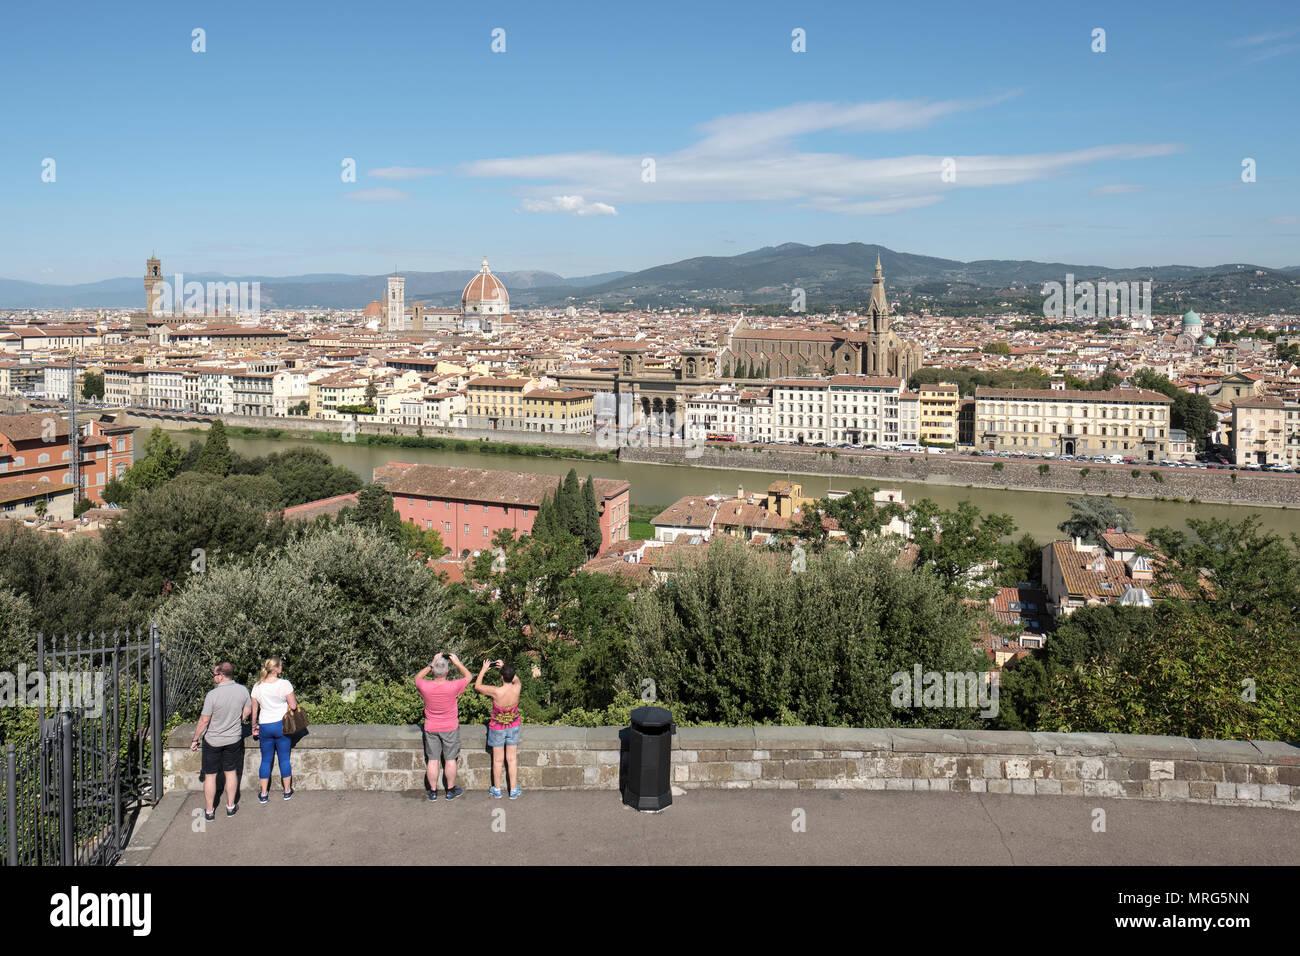 Florence cityscape showing the Cattedrale di Santa Maria del Fiore; Cupola del Brunelleachi; Campanile di Giotto; Palazzo Vecchio, Basilica di Santa C Stock Photo